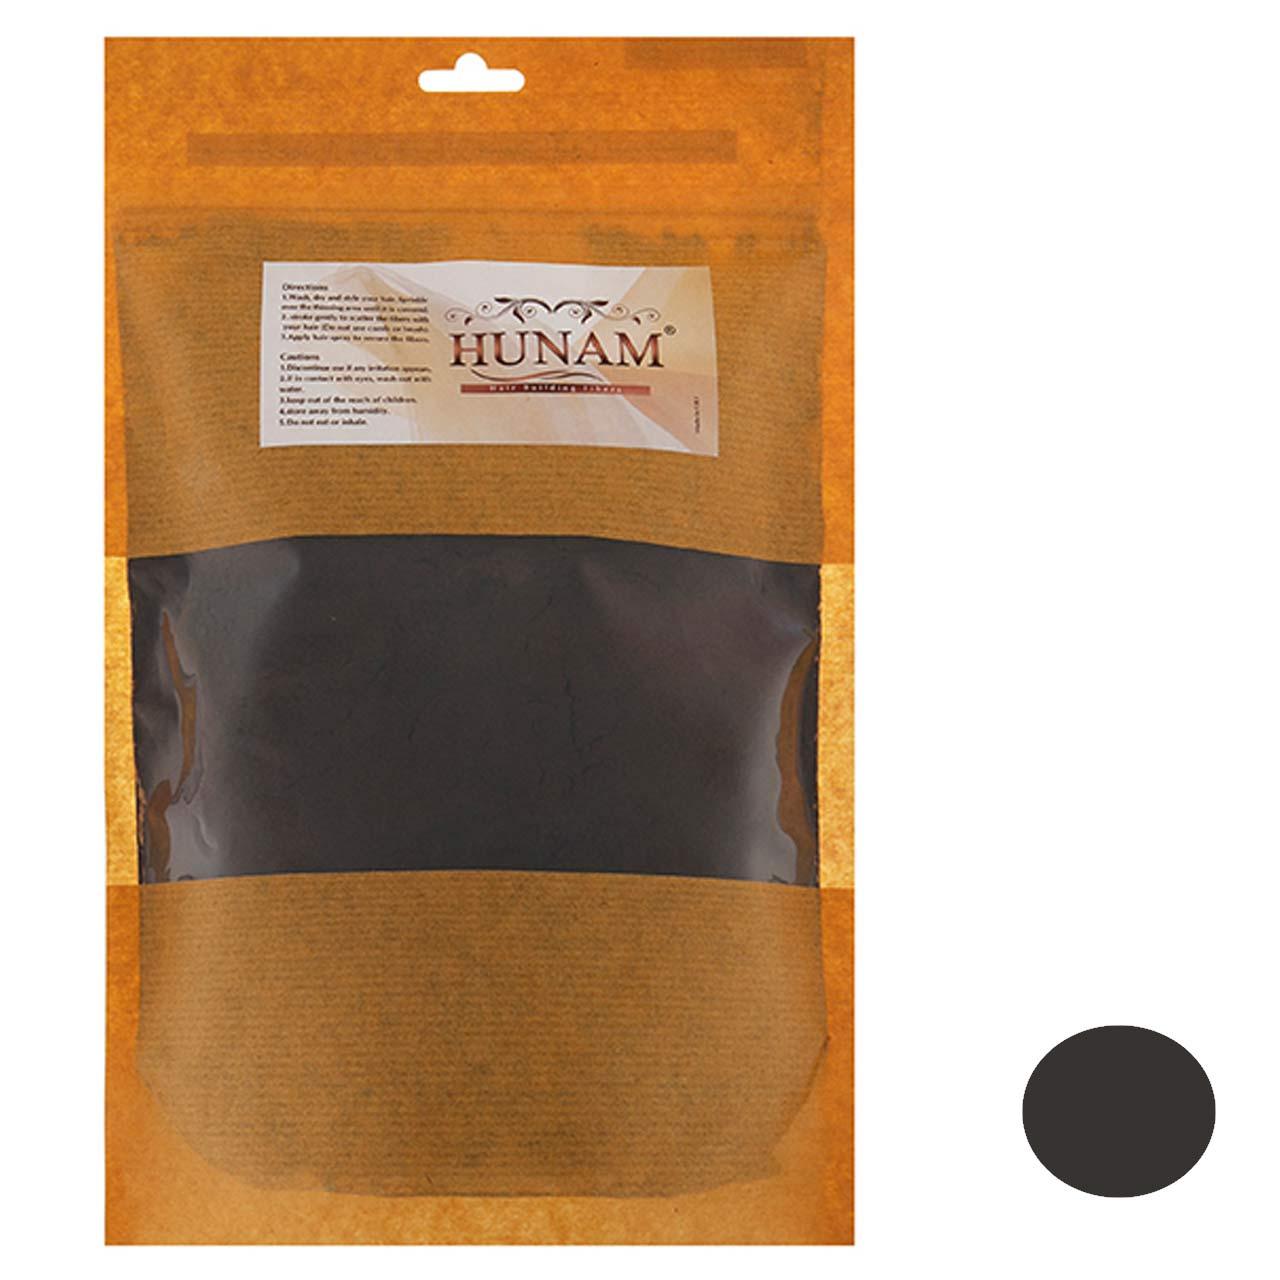 پودر پرپشت کننده مو هونام کد 02 وزن 600 گرم رنگ قهوه ای تیره